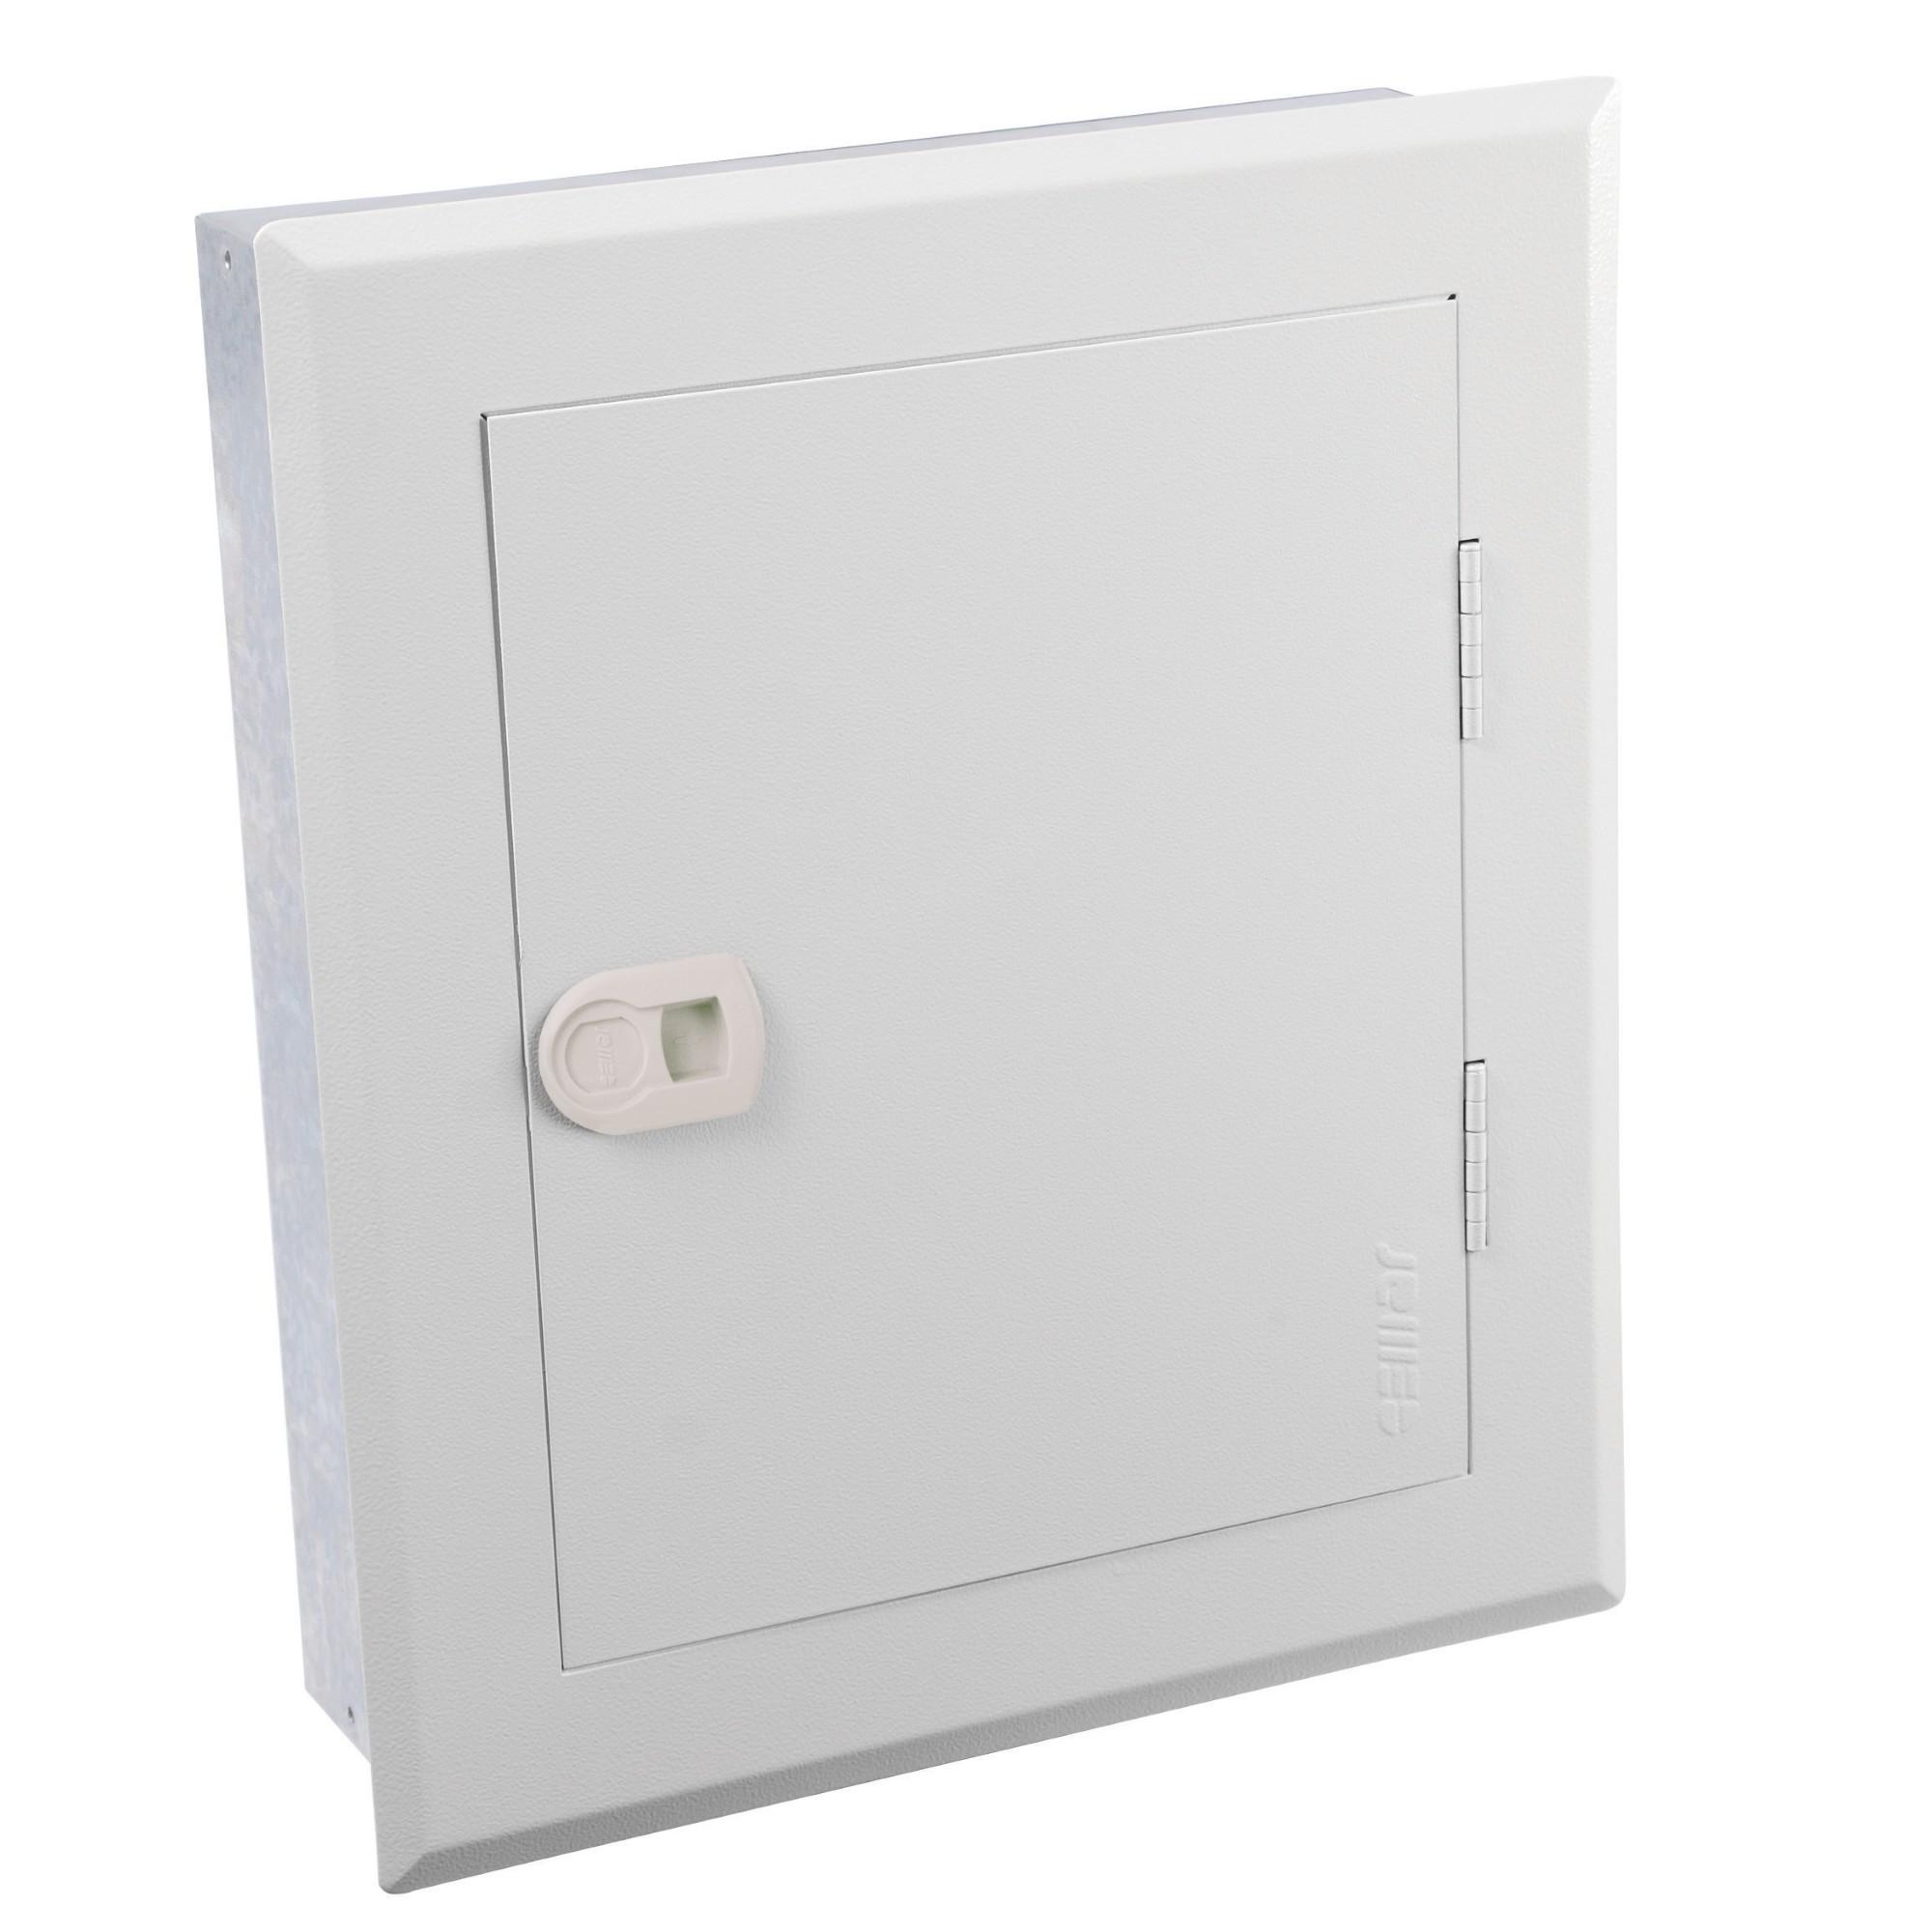 Quadro de Distribuicao de Embutir Trifasico 100A 2820 Disjuntores - Cemar